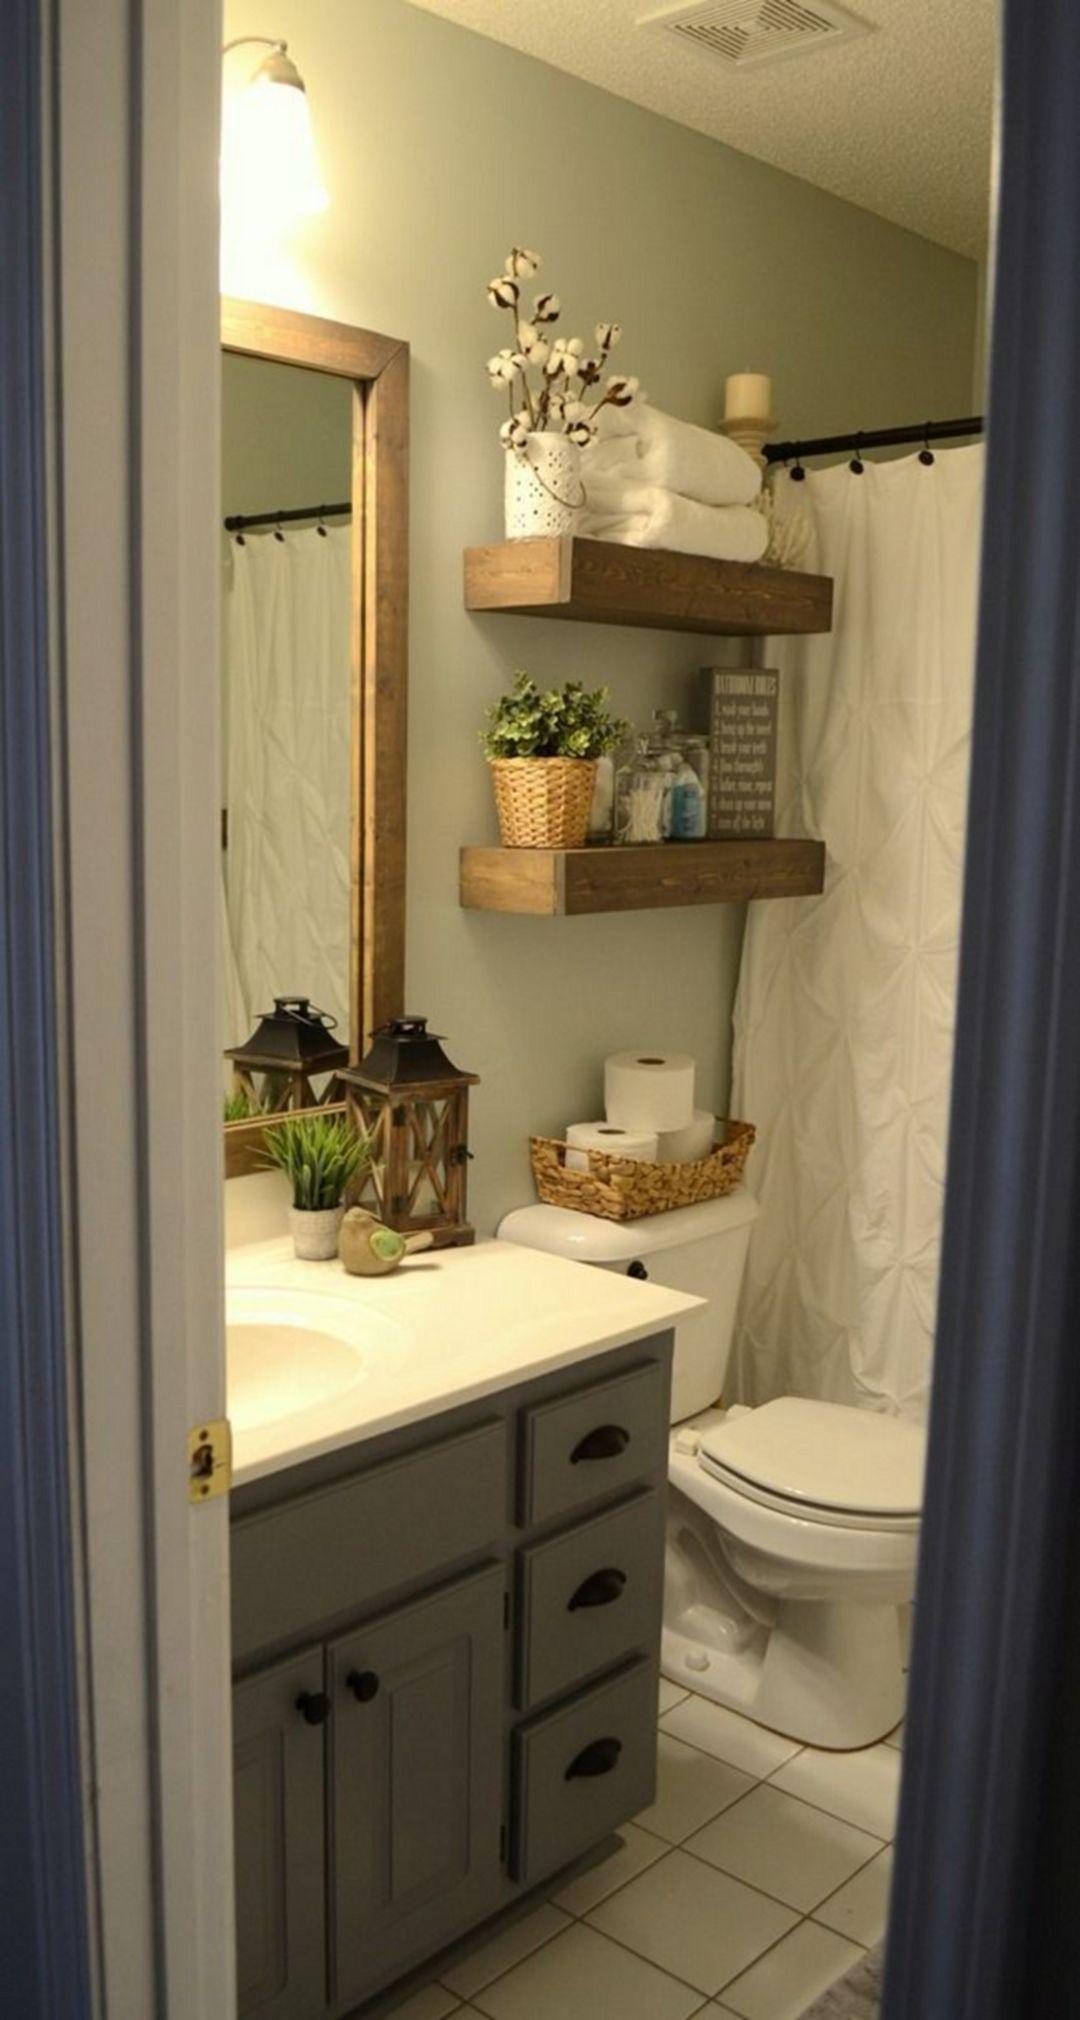 15 Easy DIY Storage Ideas for Charming Bathroom Decor